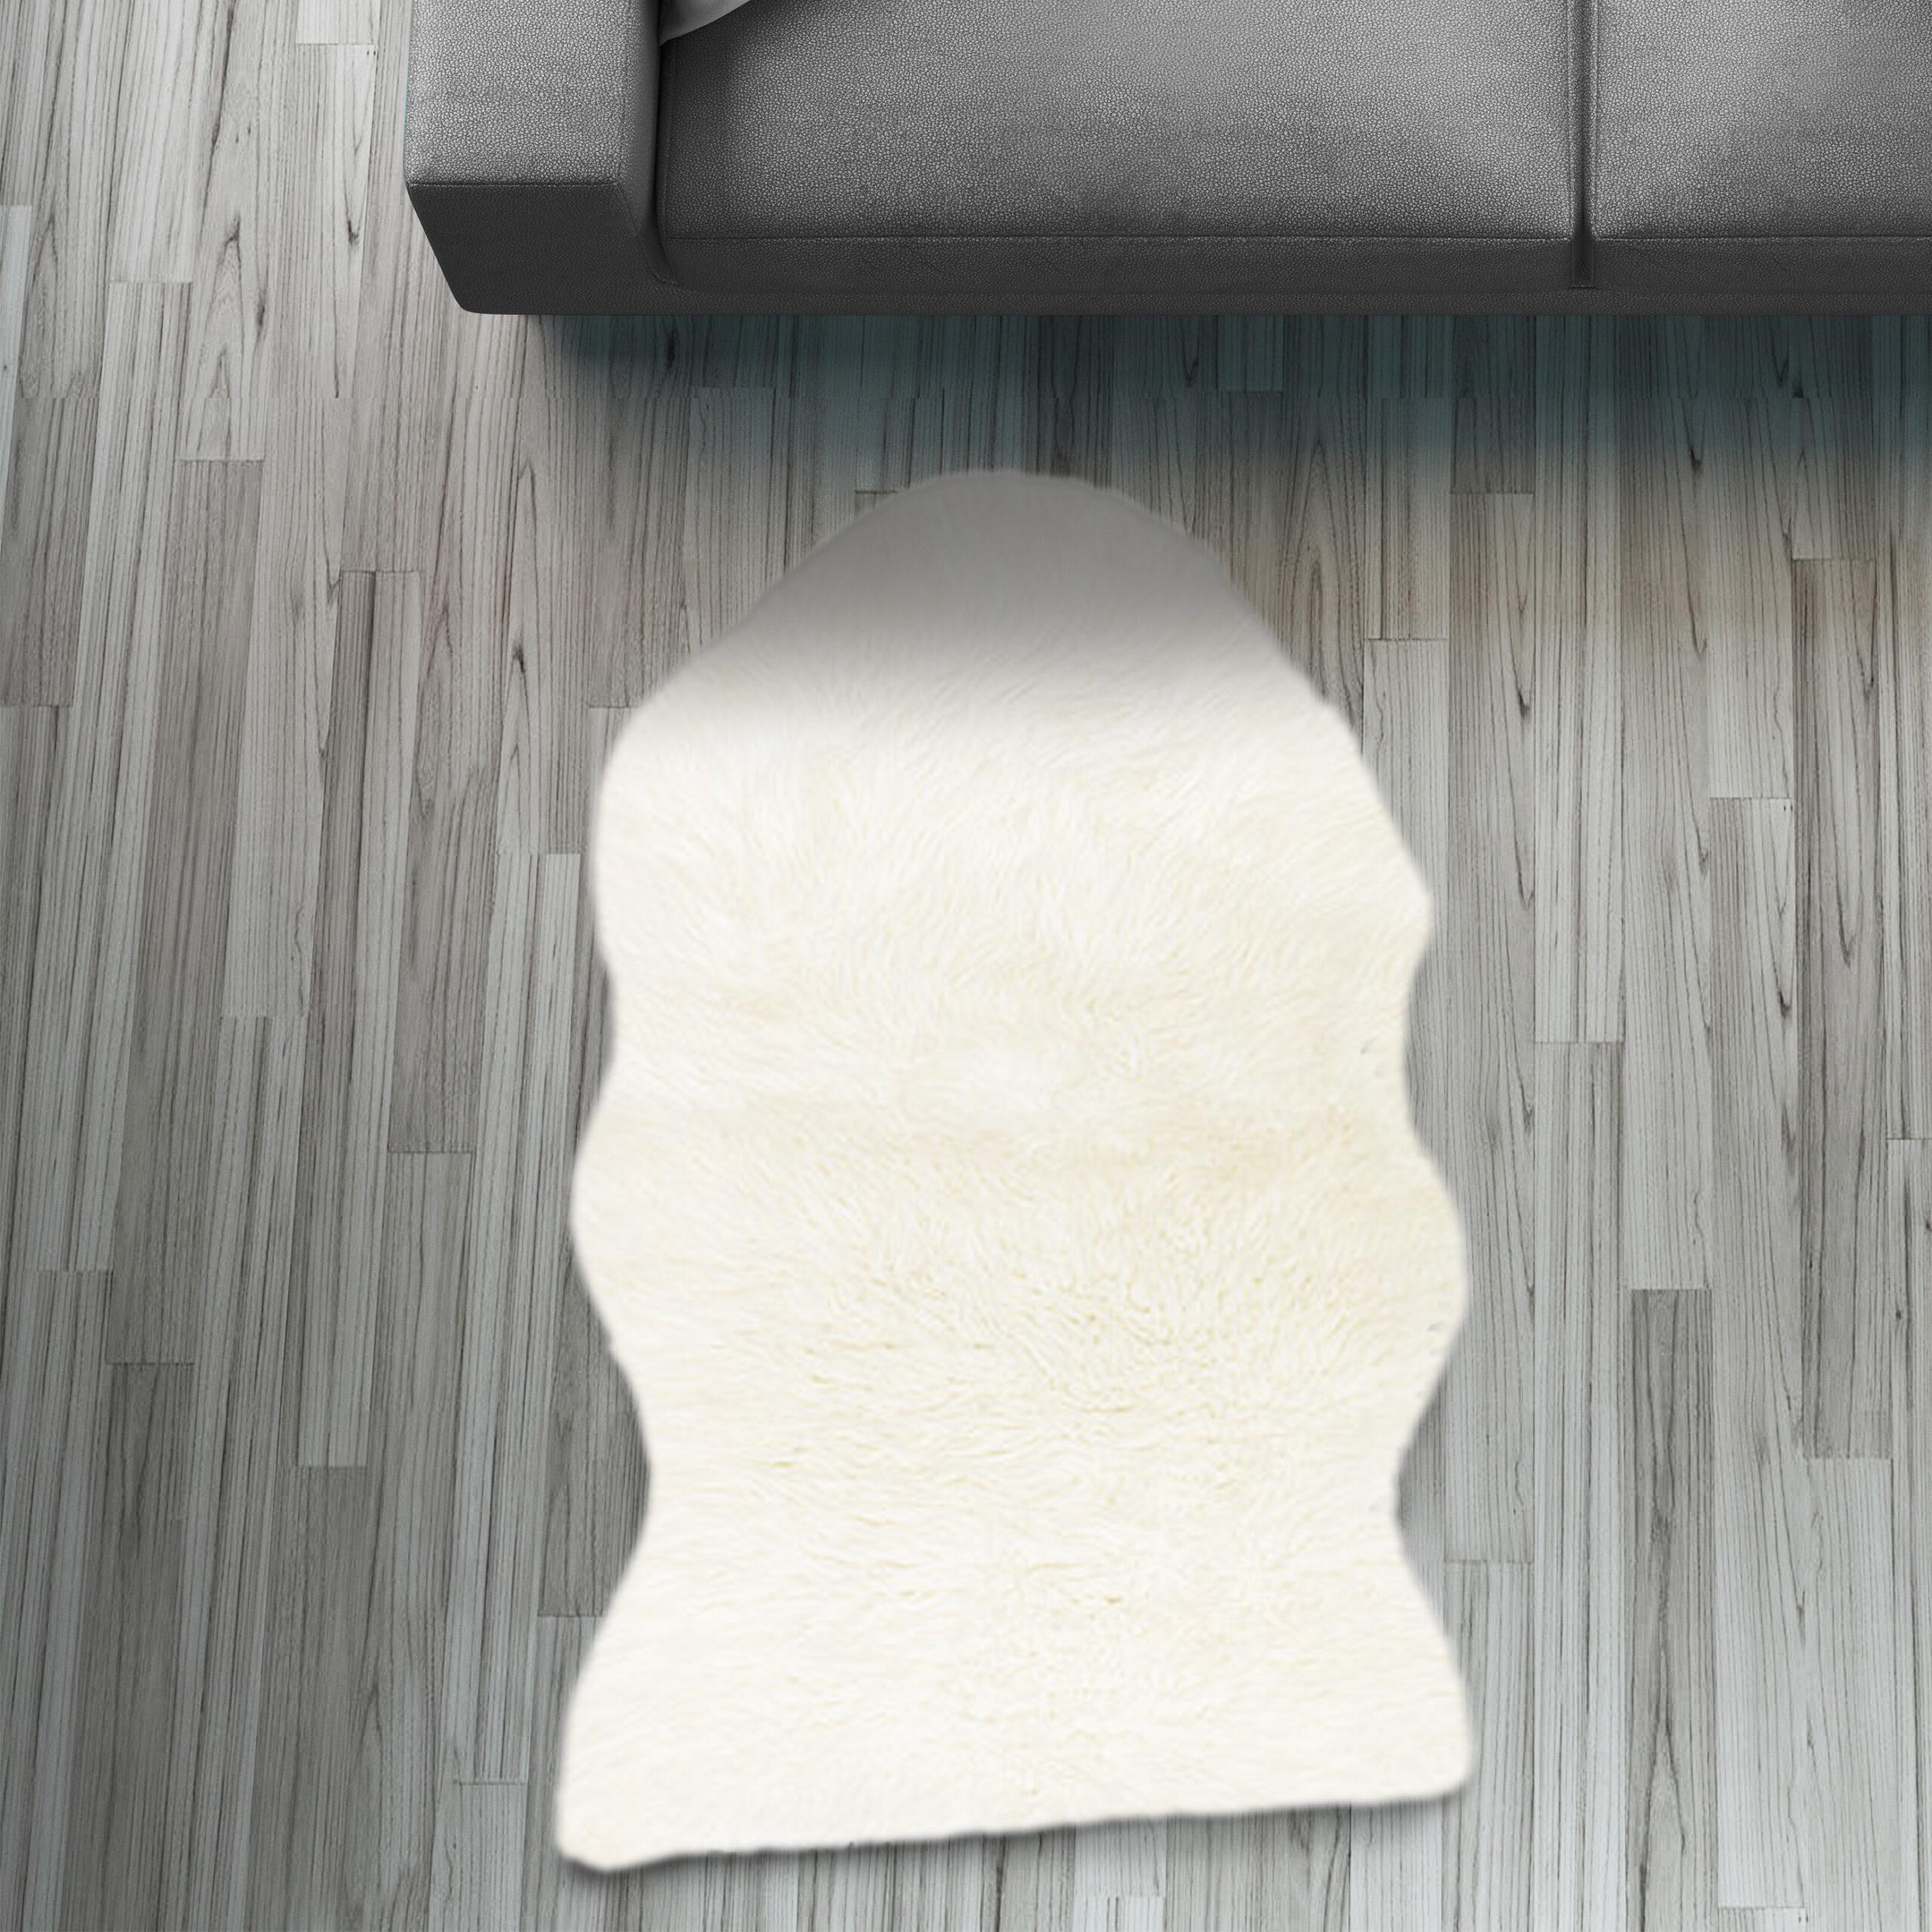 Full Size of Fell Lufer Teppich Wei 55x80 Cm Sofa Stuhl Matte Hasenfell Wohnzimmer Teppiche Home Affaire Bett Affair Big Wohnzimmer Home 24 Teppiche